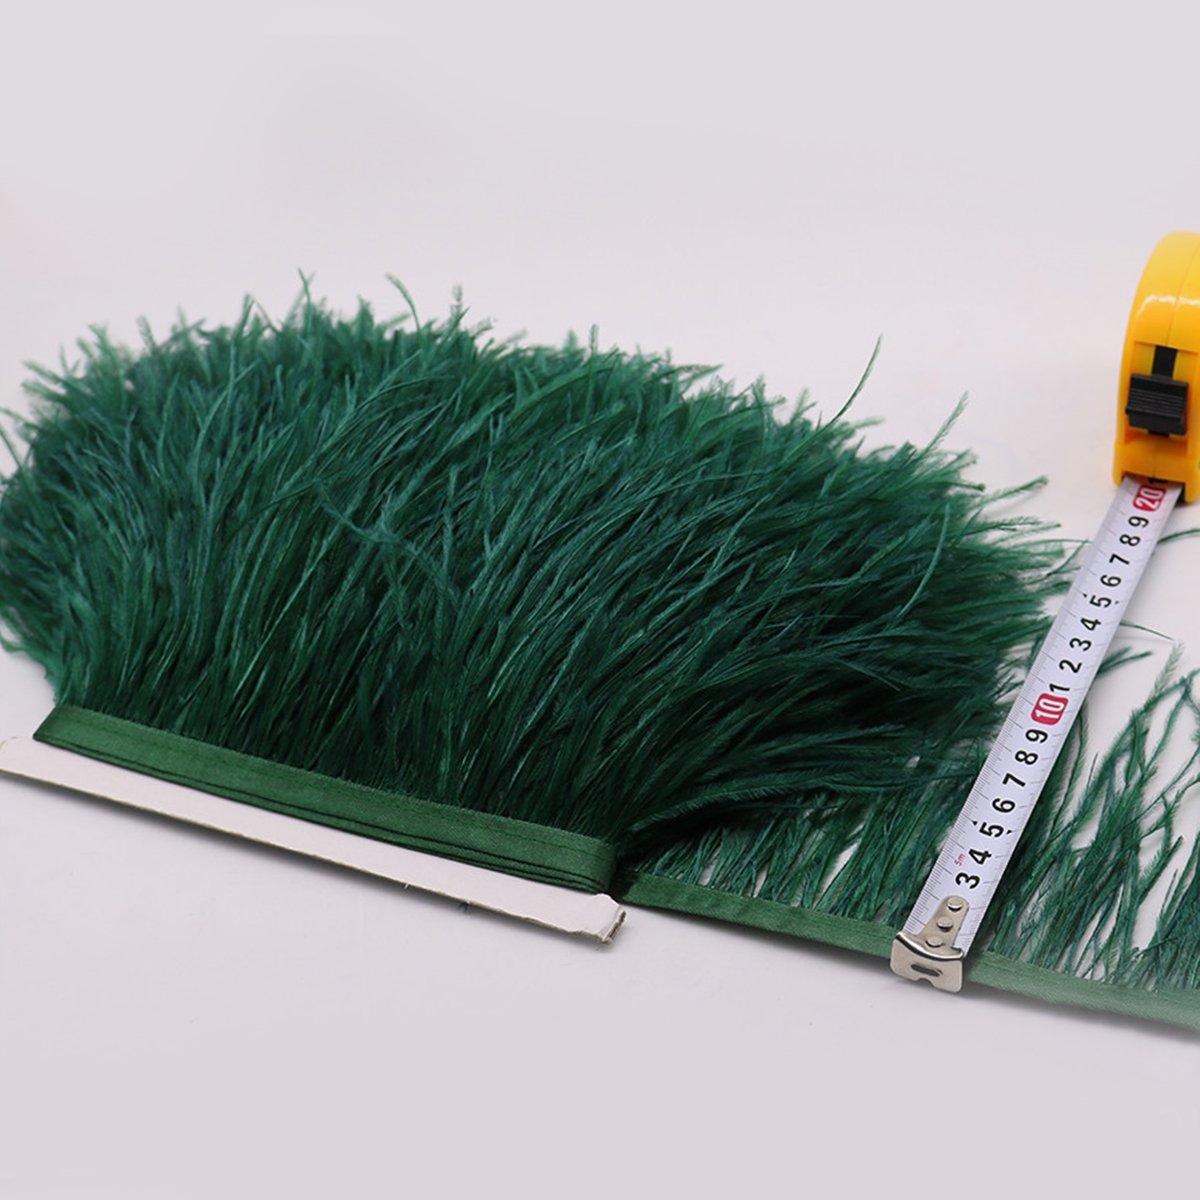 Banda de plumas DIY ropa de danza o Halloween 2/m Rosenice verde oscuro cinta para coser